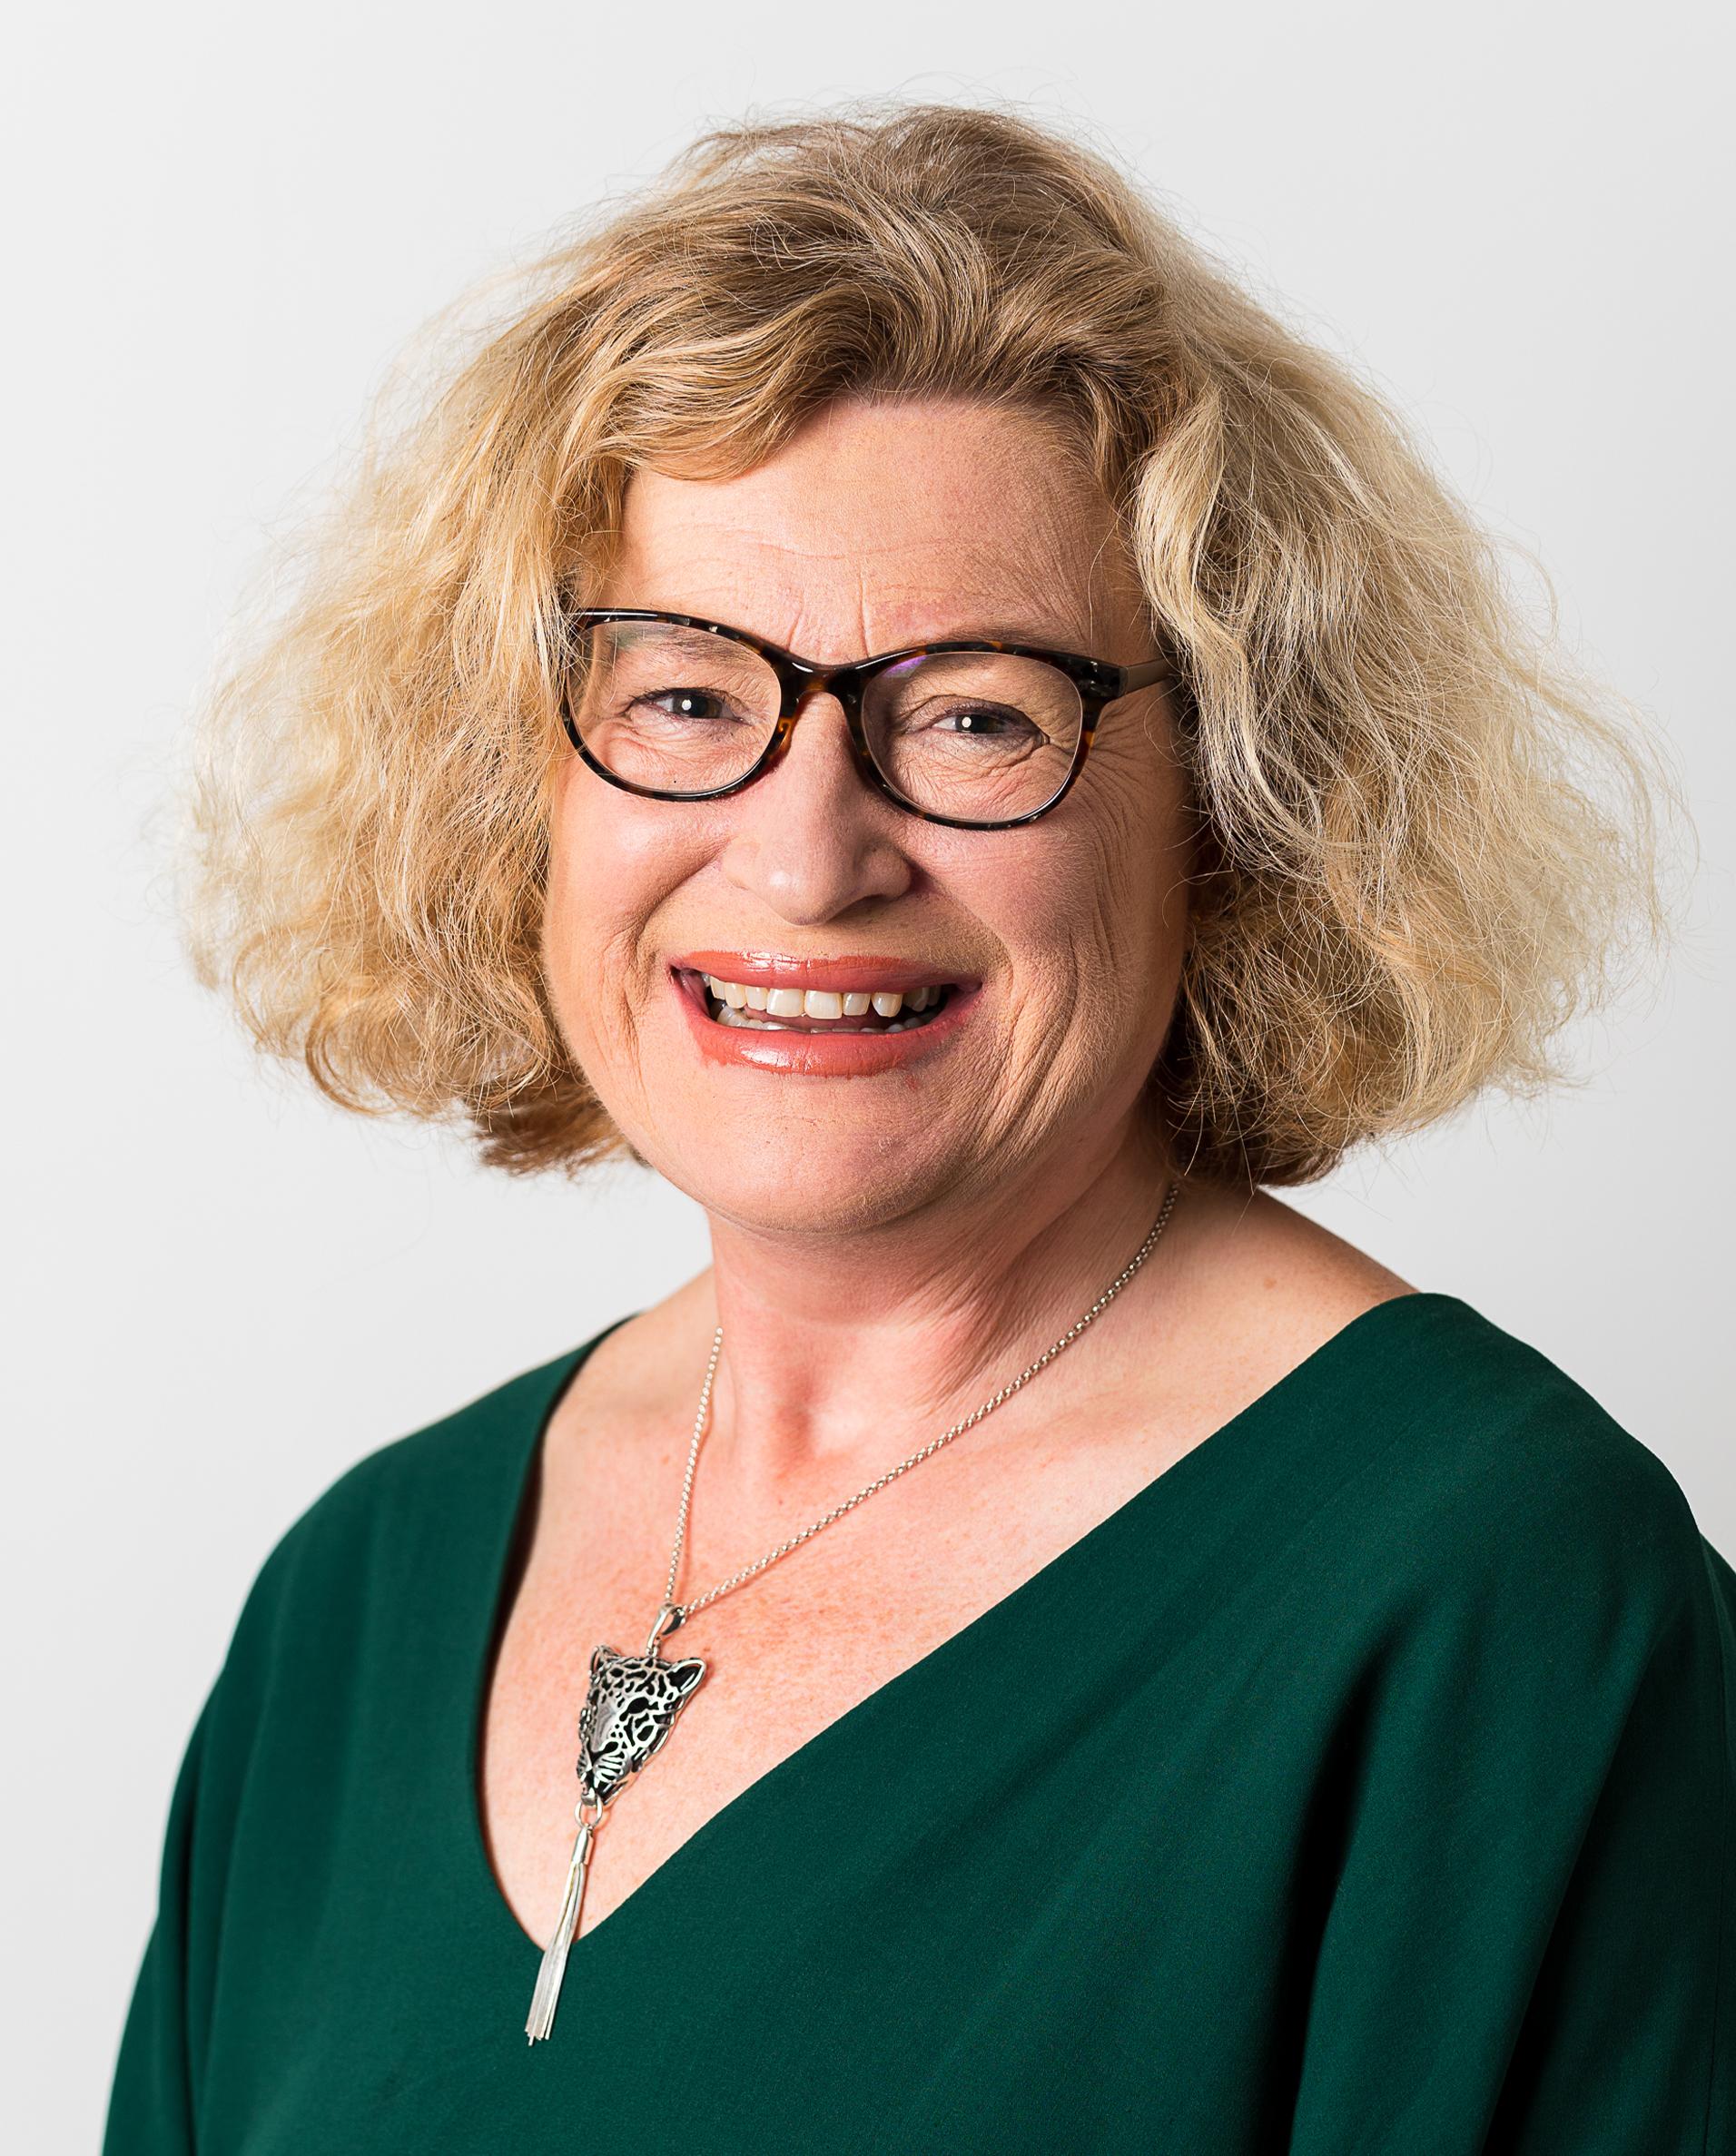 Gill Morris